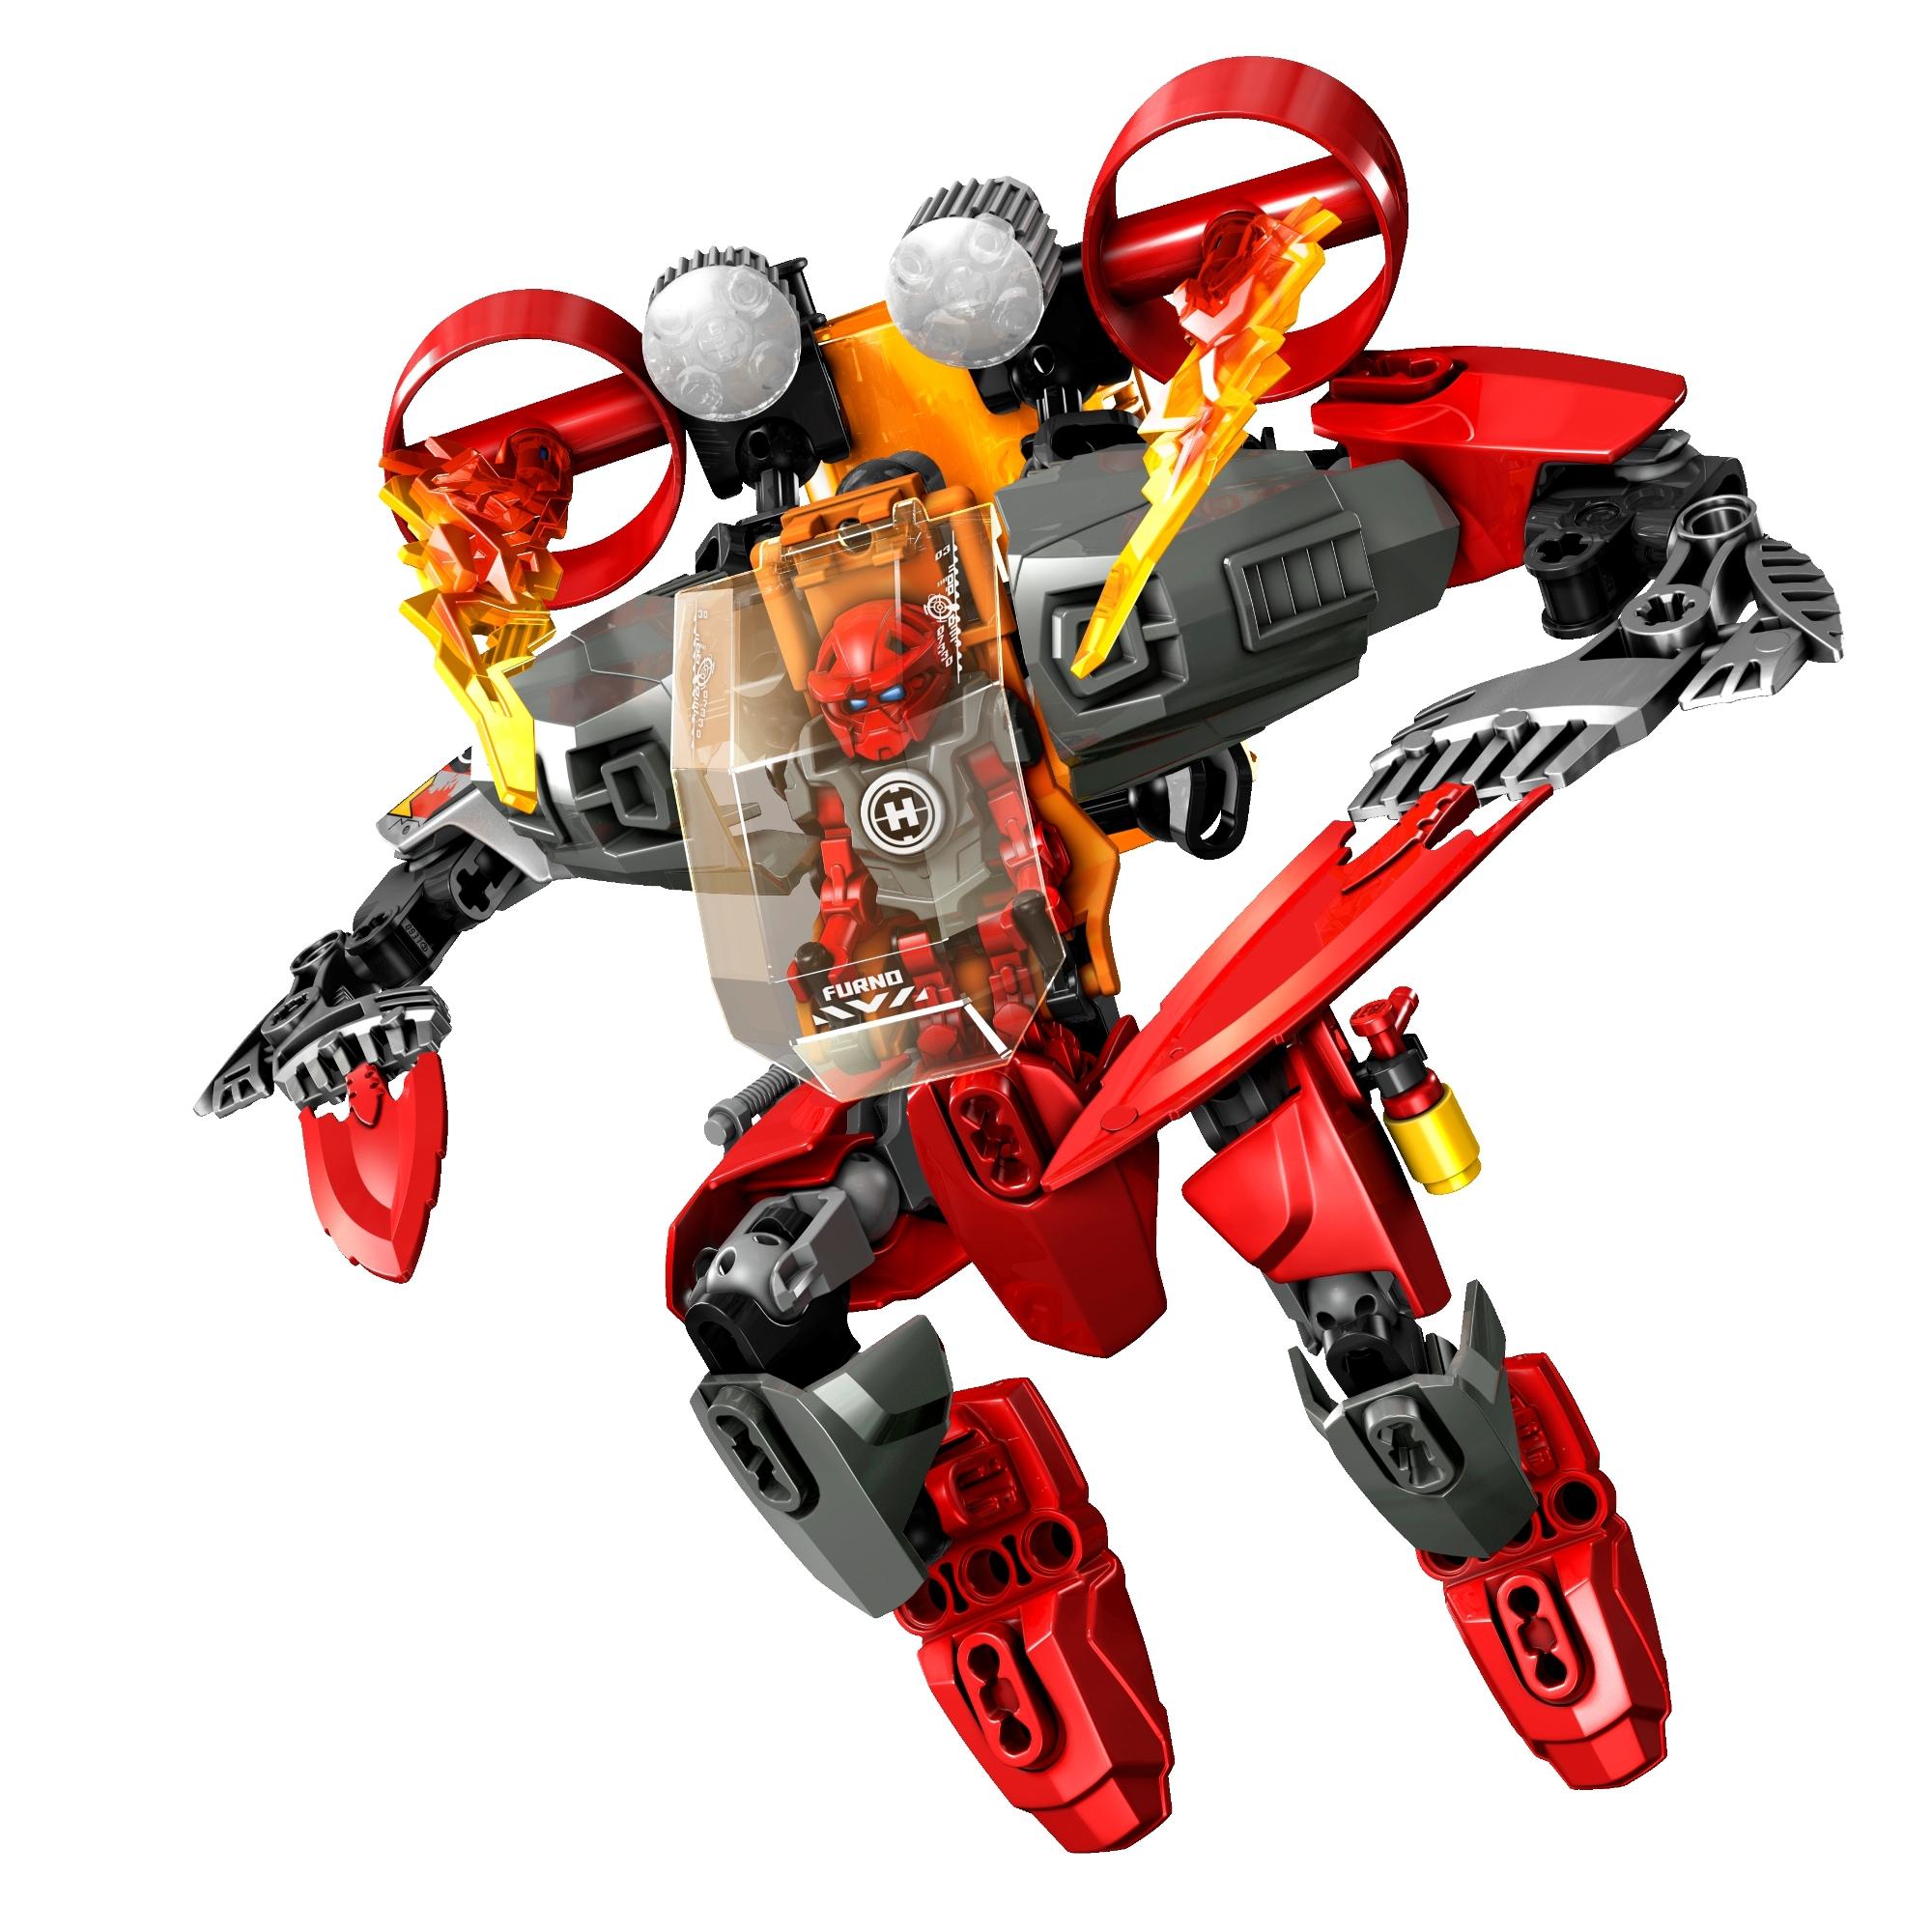 Brickshelf Gallery Hero Factory 44018 Furno Jet Machine